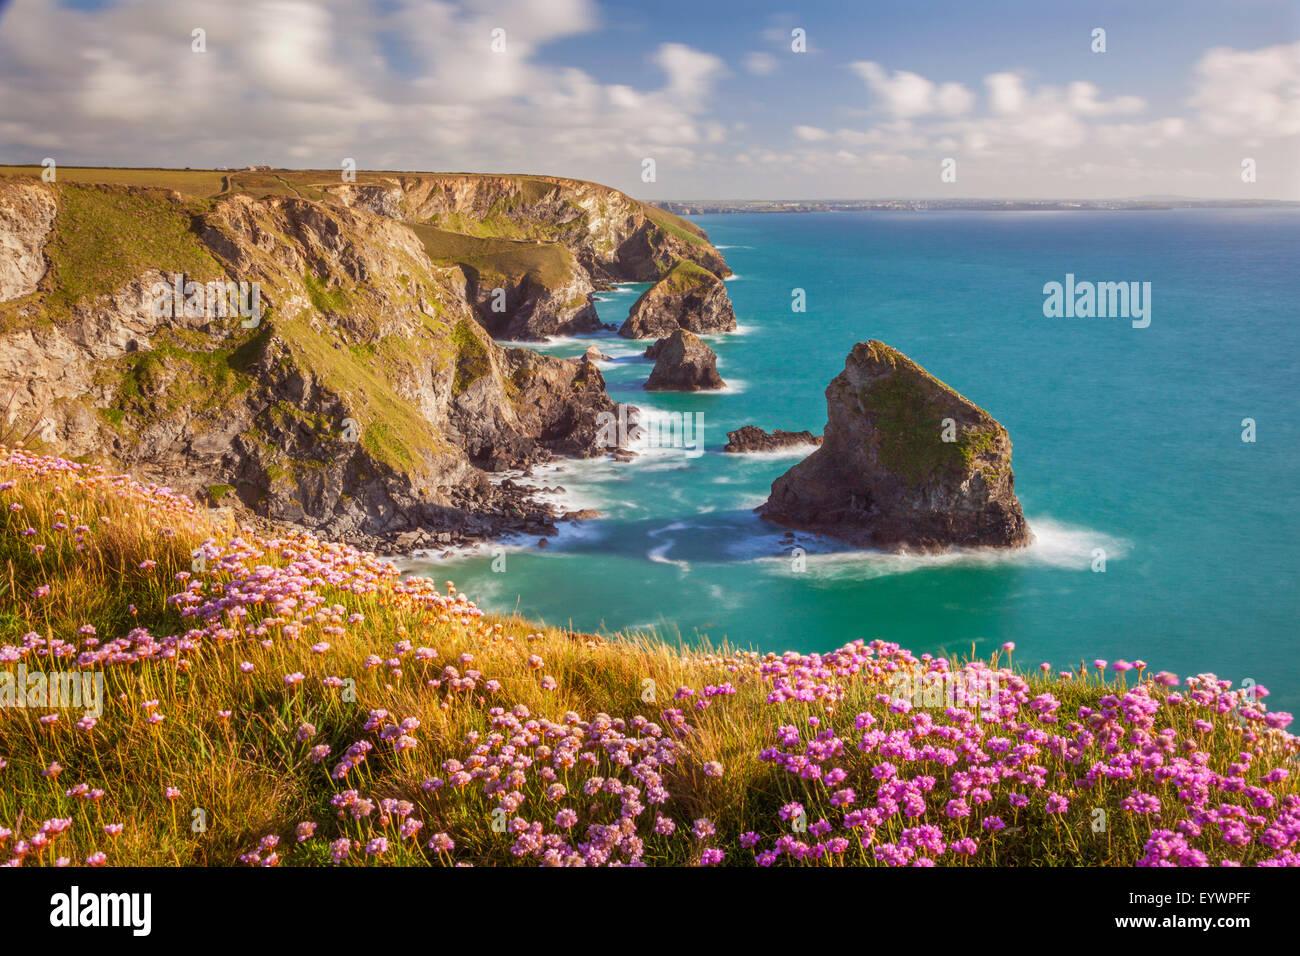 La parsimonia rosa fiori, Bedruthan Steps, Newquay, Cornwall, England, Regno Unito, Europa Immagini Stock